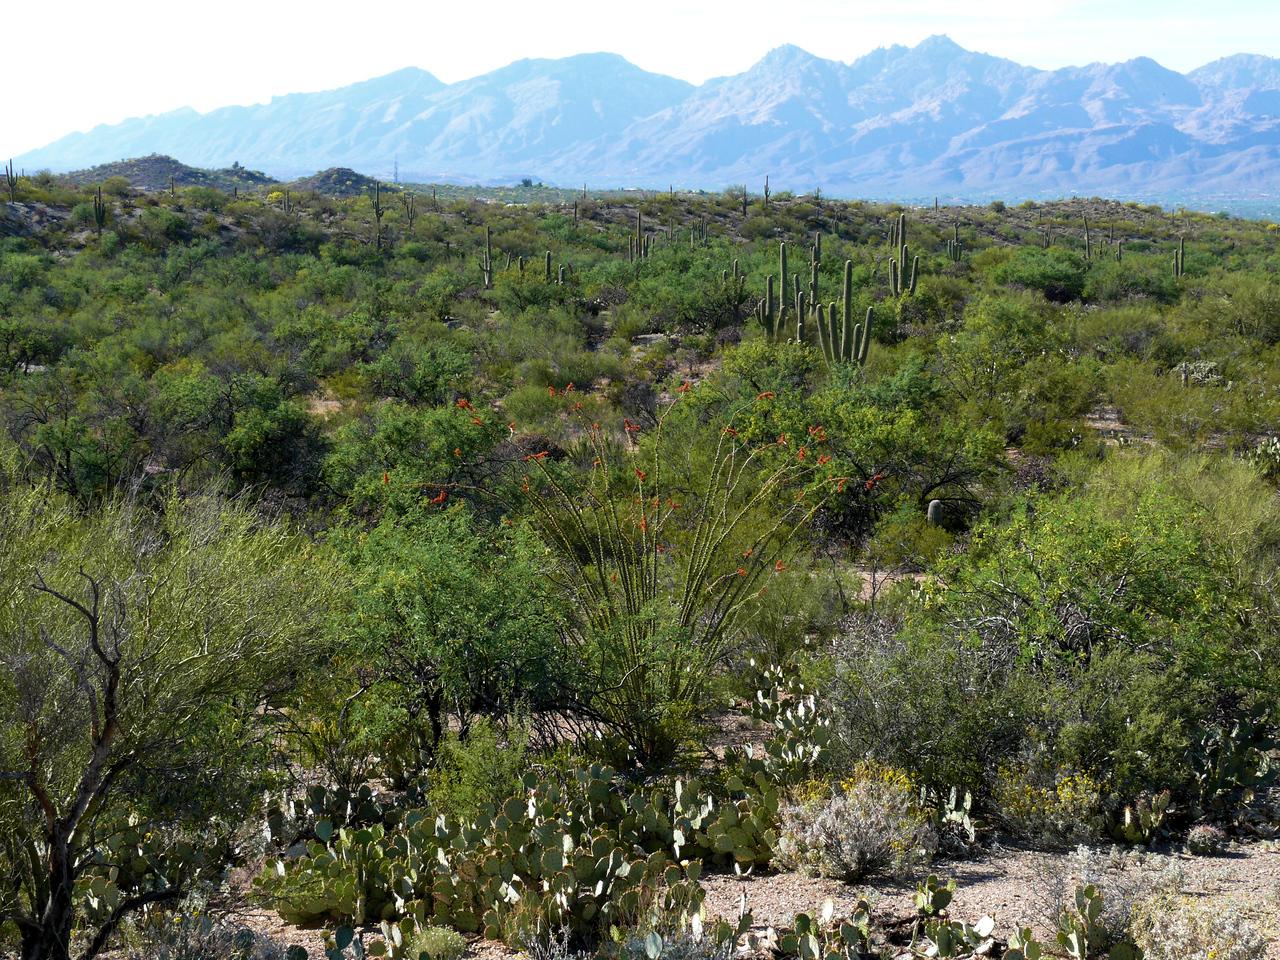 Green Desertscape